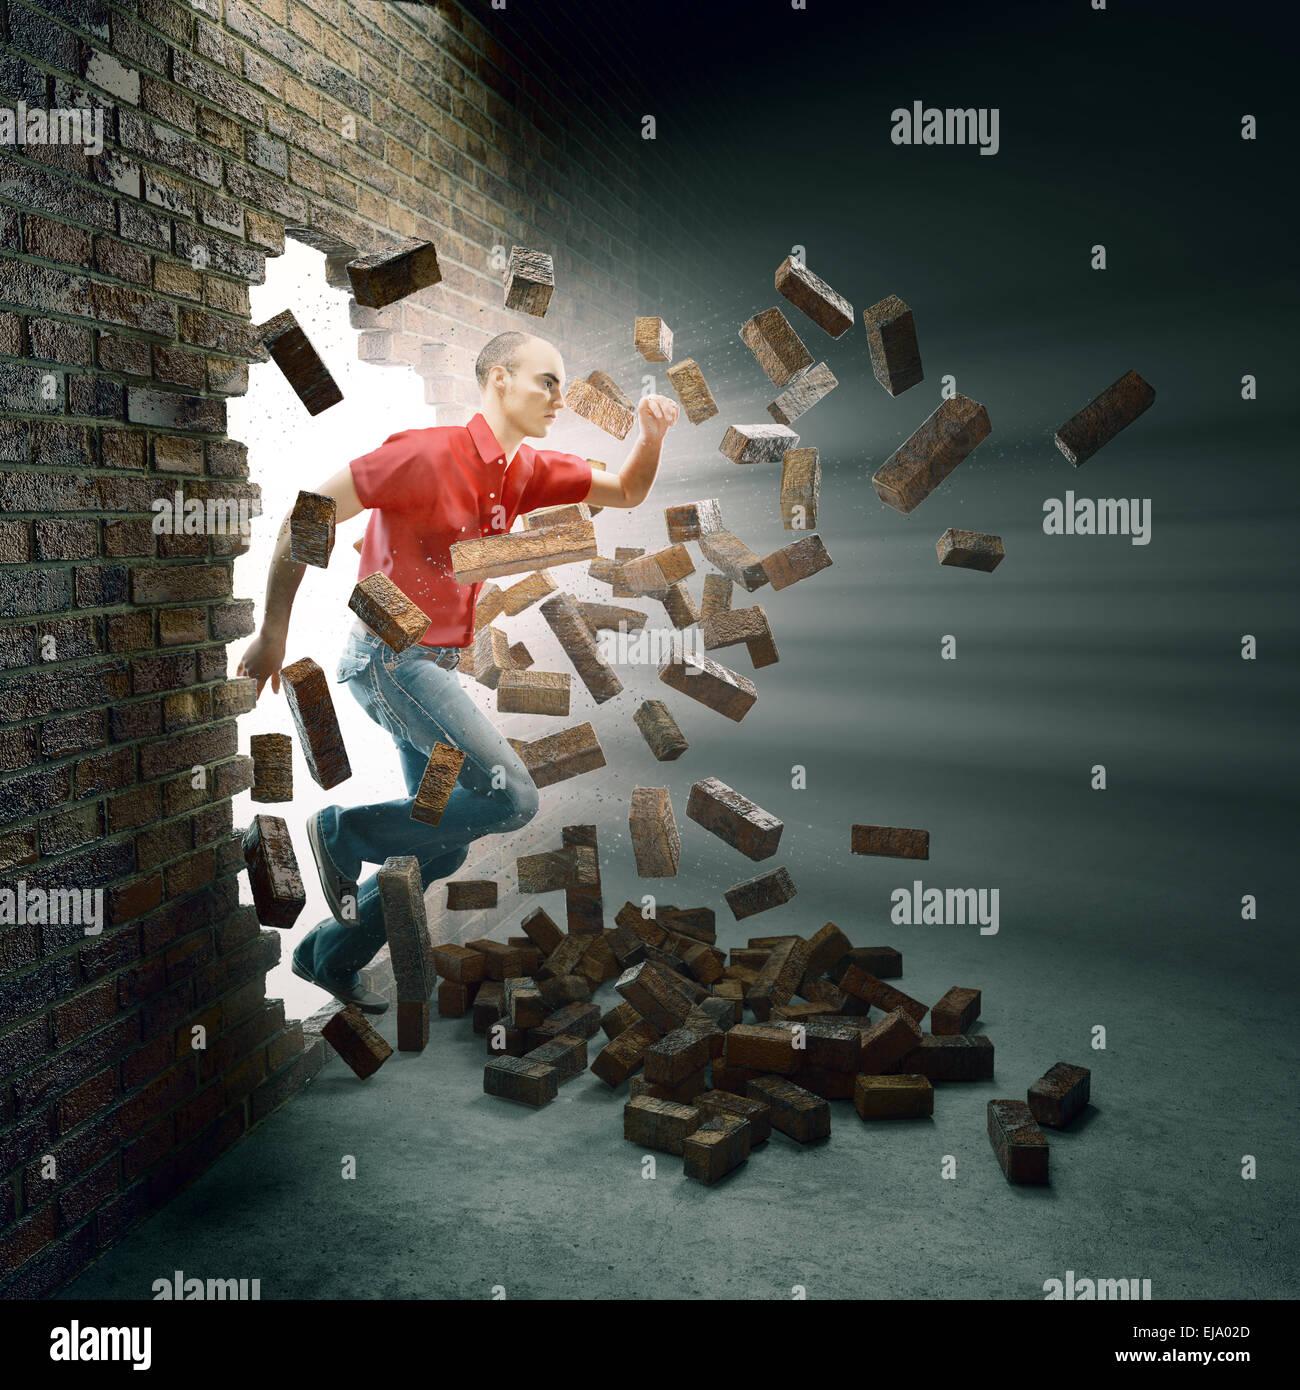 Junger Mann läuft durch eine Mauer Stockbild